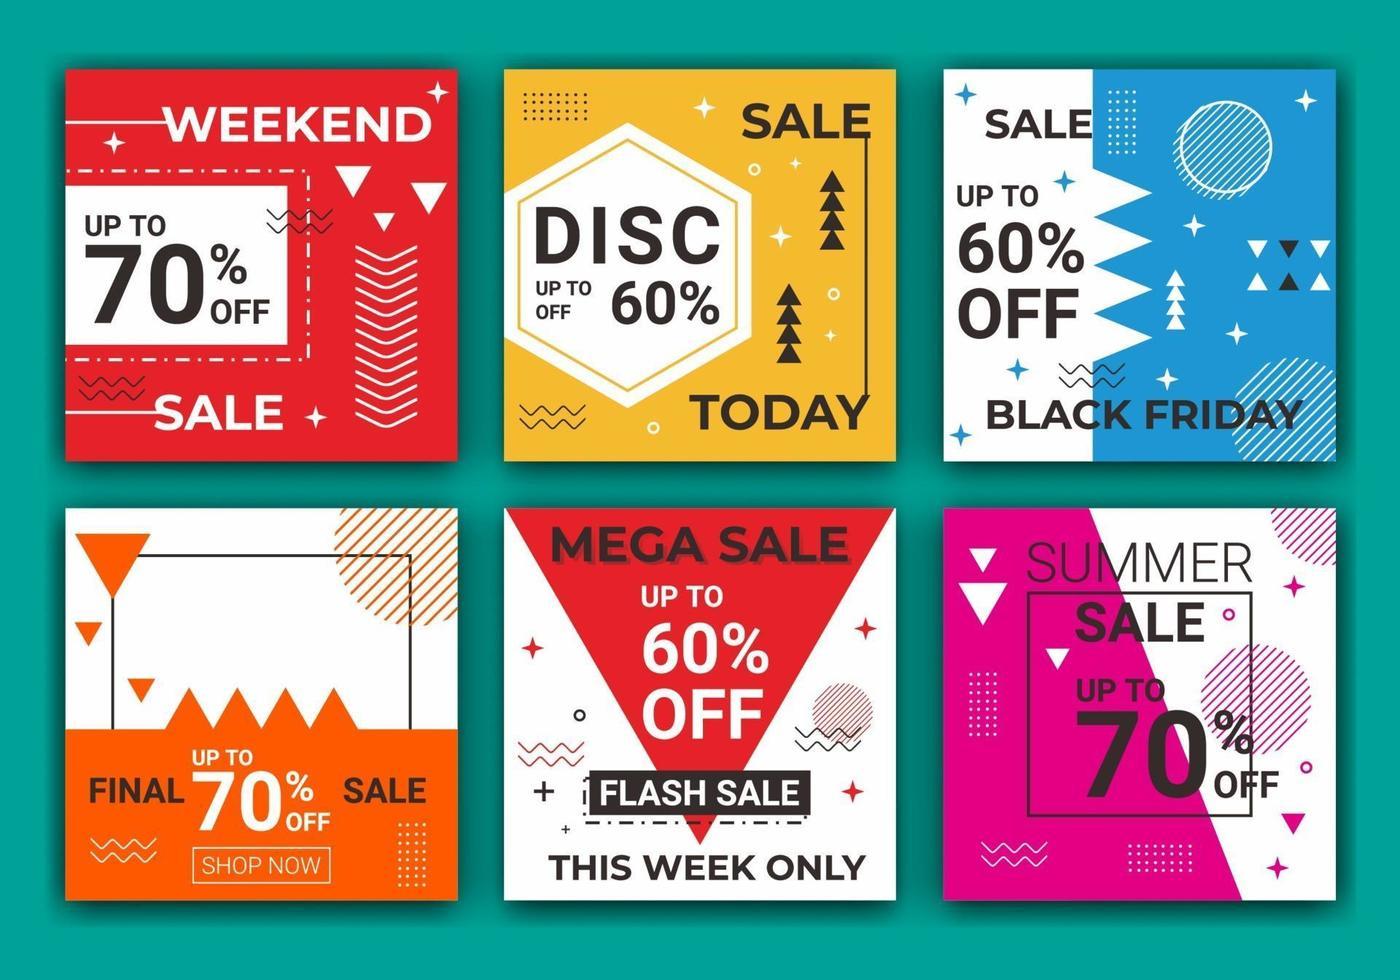 uppsättning försäljning banner mall design. redigerbar minimal kvadrat för marknadsföring och digital marknadsföring med röd, orange, lila och blå ny färg. trendig bakgrundsdesign för ig-annonser. vektor illustration